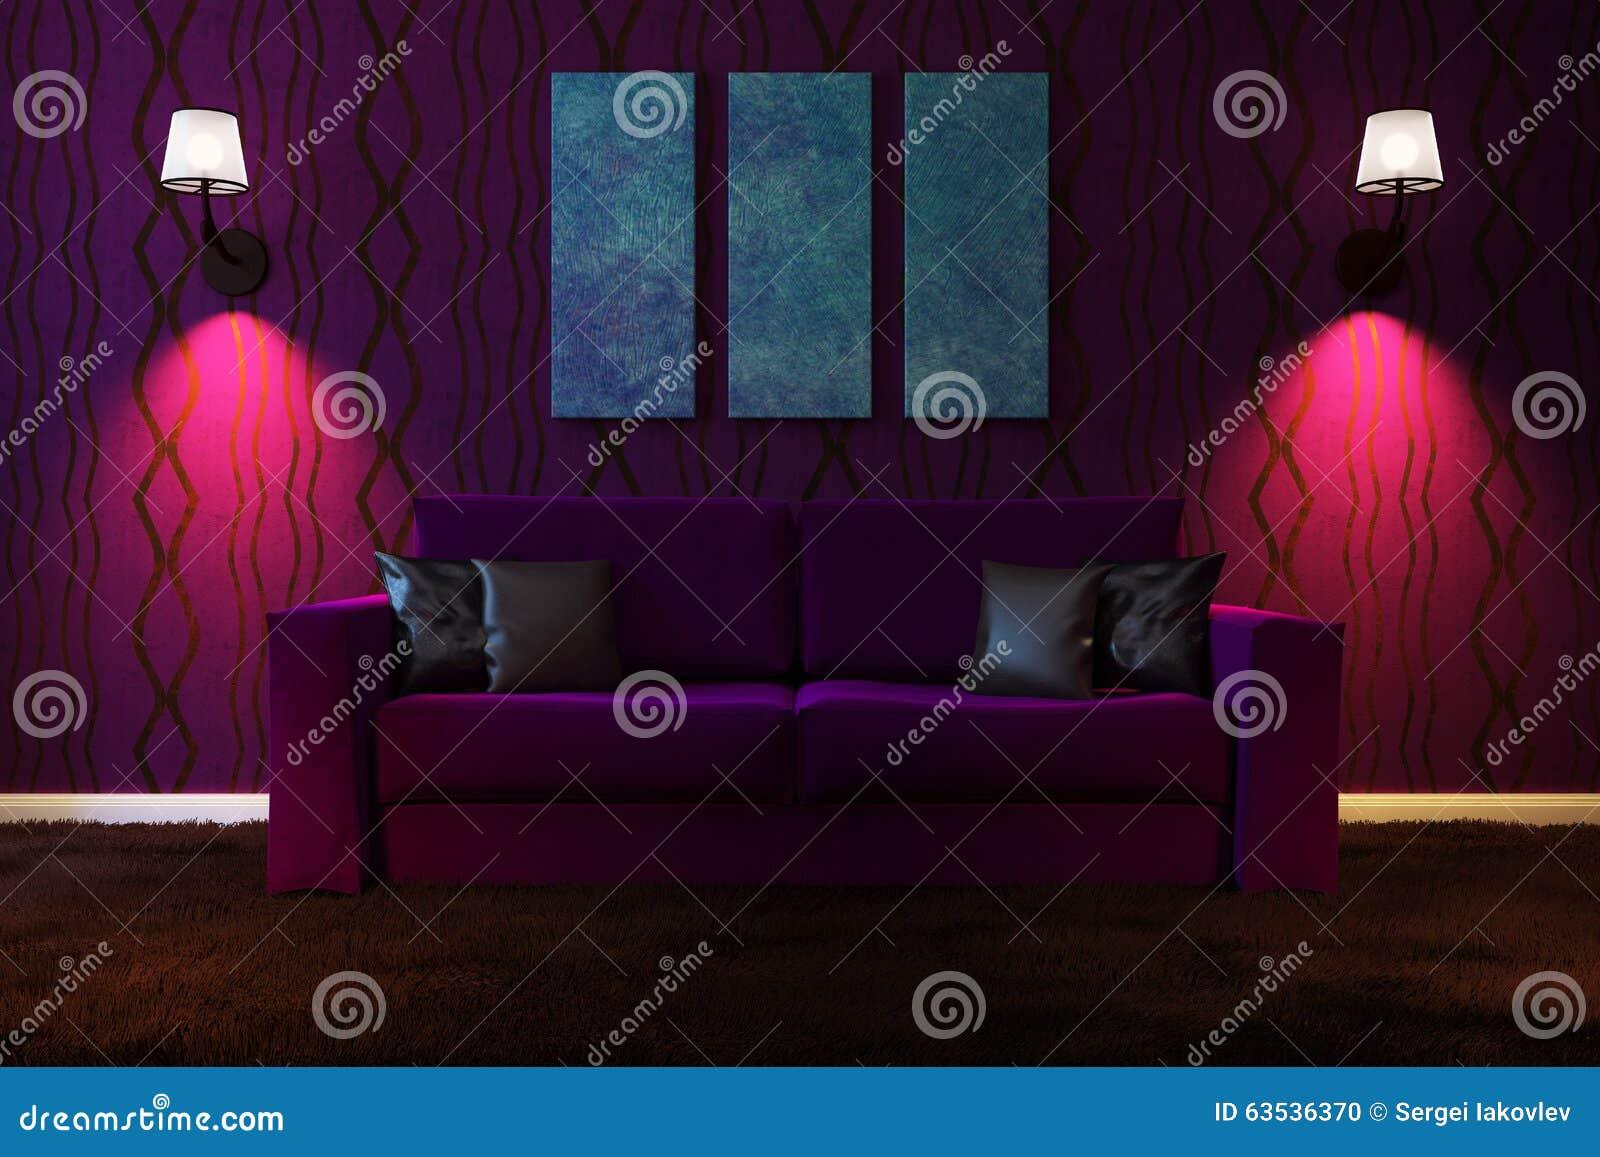 Stellen Sie Wohnzimmer Mit Der Kunstlichen Beleuchtung Dar Die In